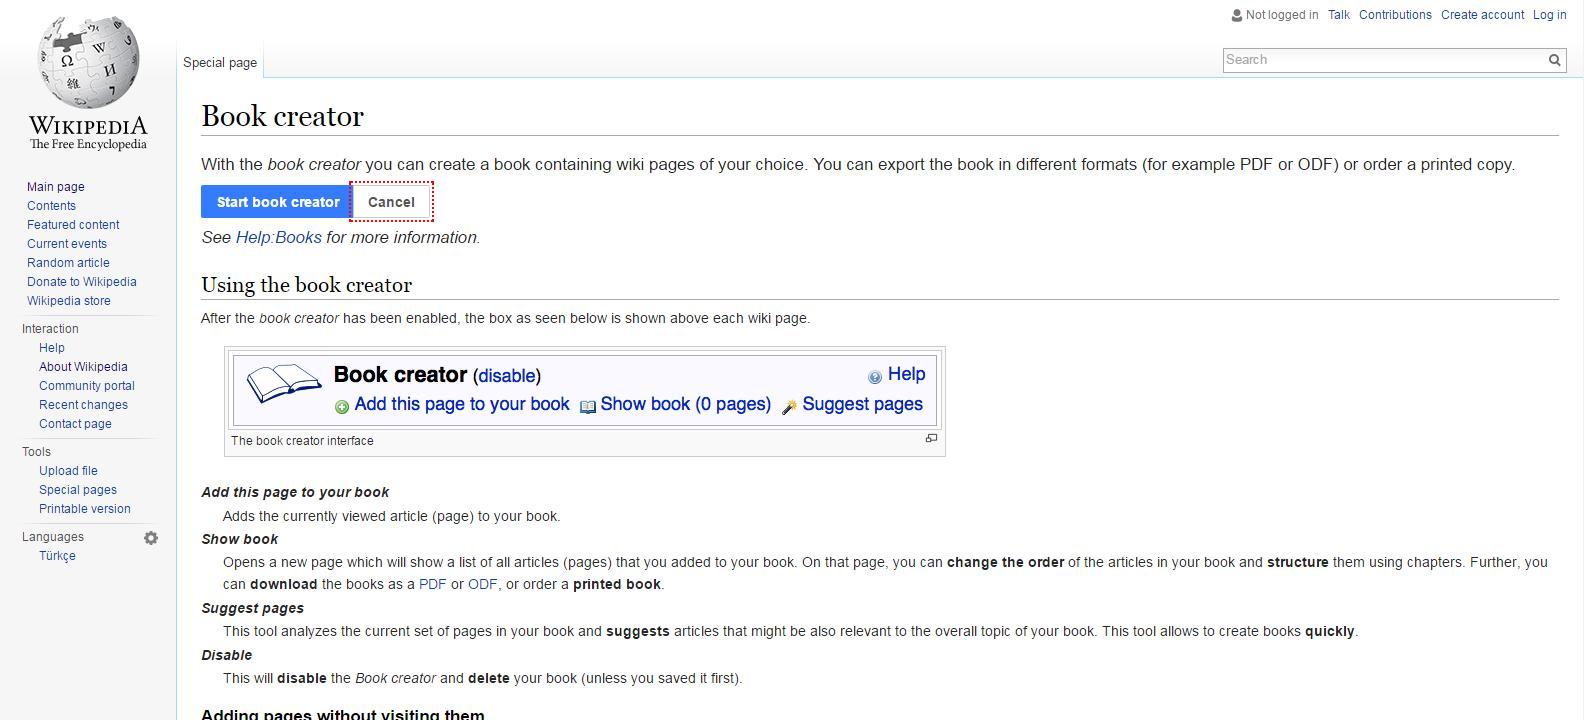 Book Creator Free Wikipedia